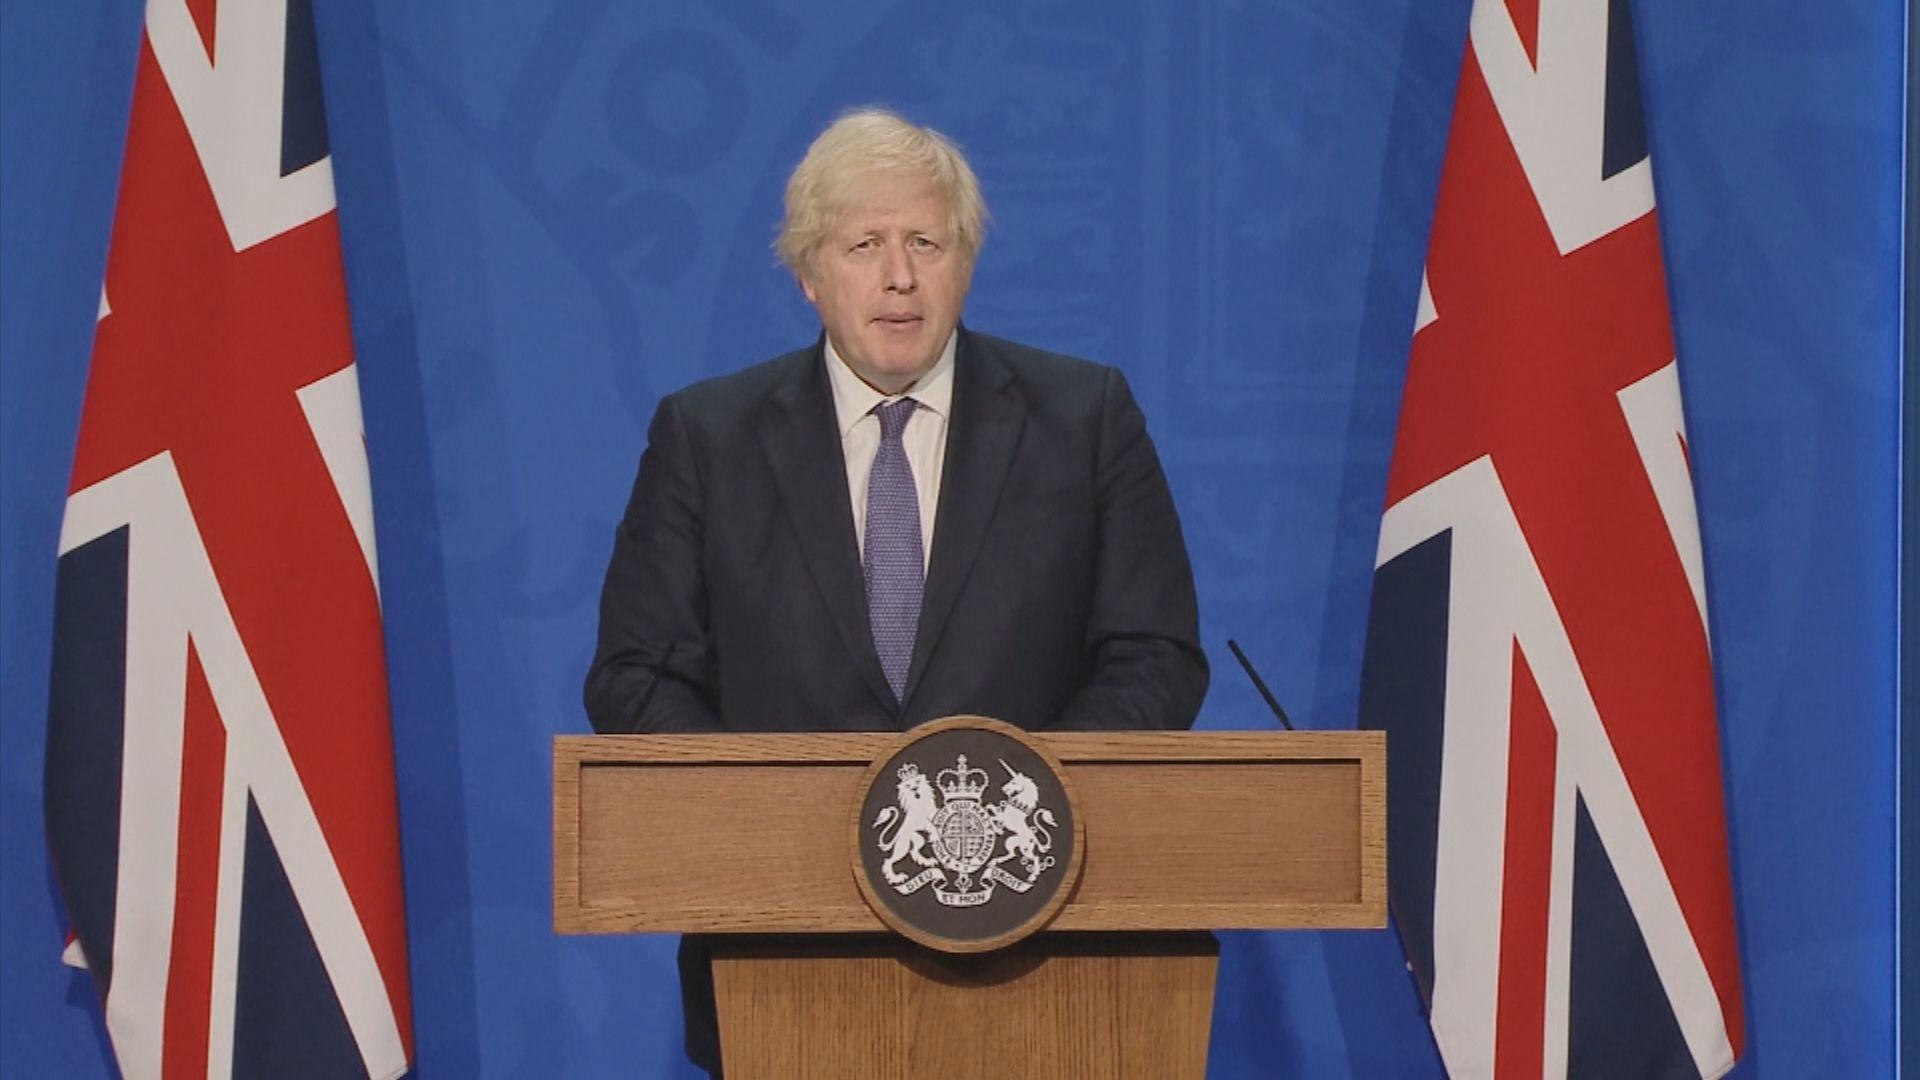 英格蘭下周如期解封 約翰遜稱疫情未結束籲勿掉以輕心